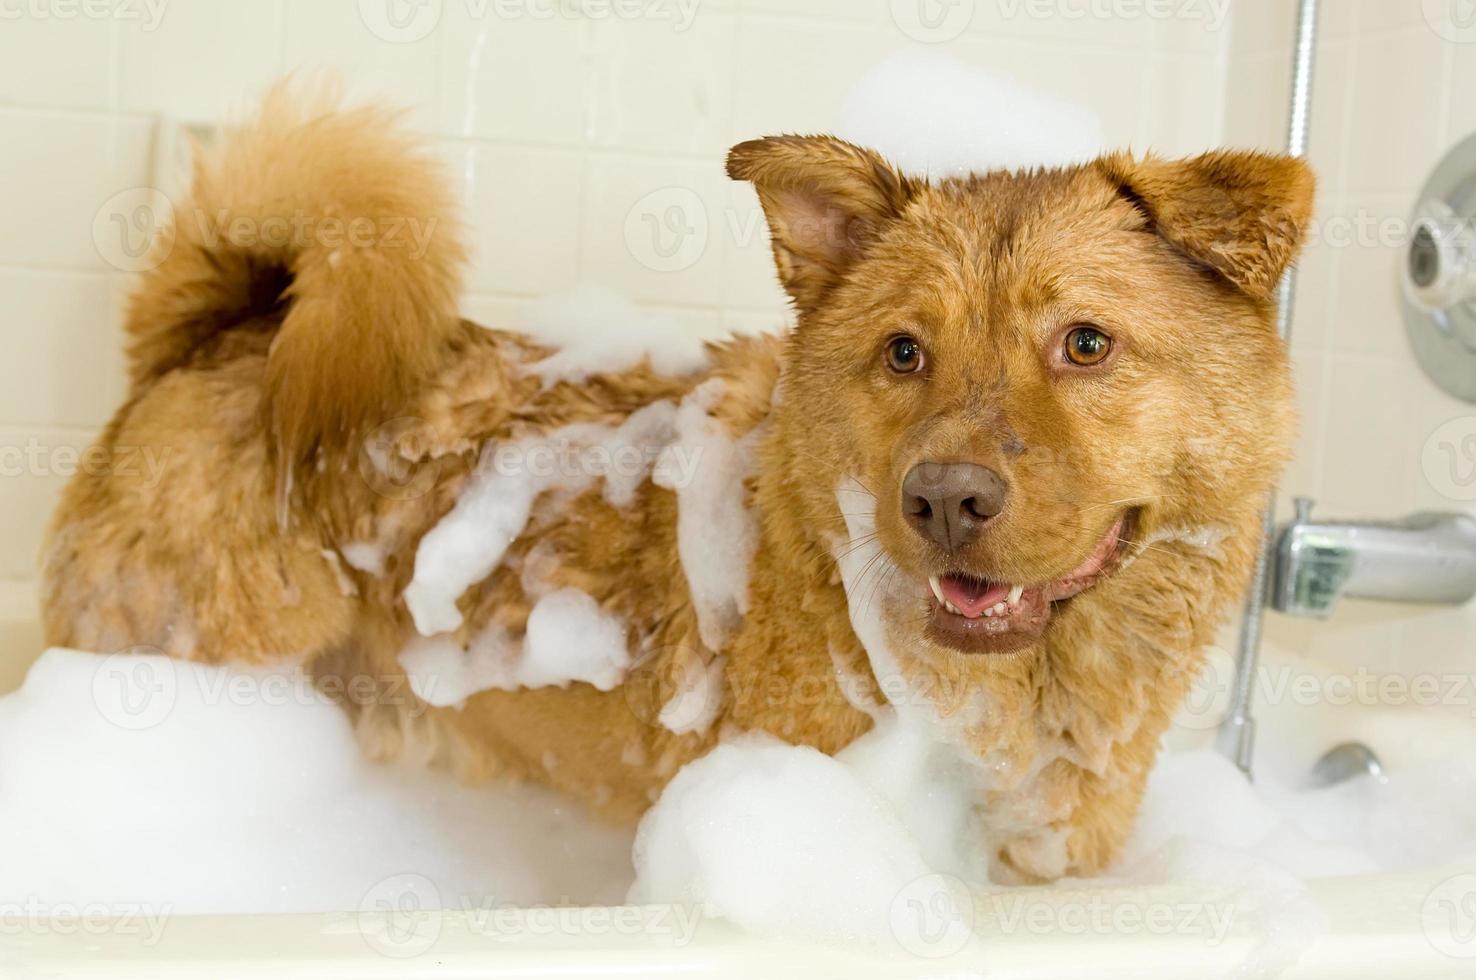 Dog taking a bath photo